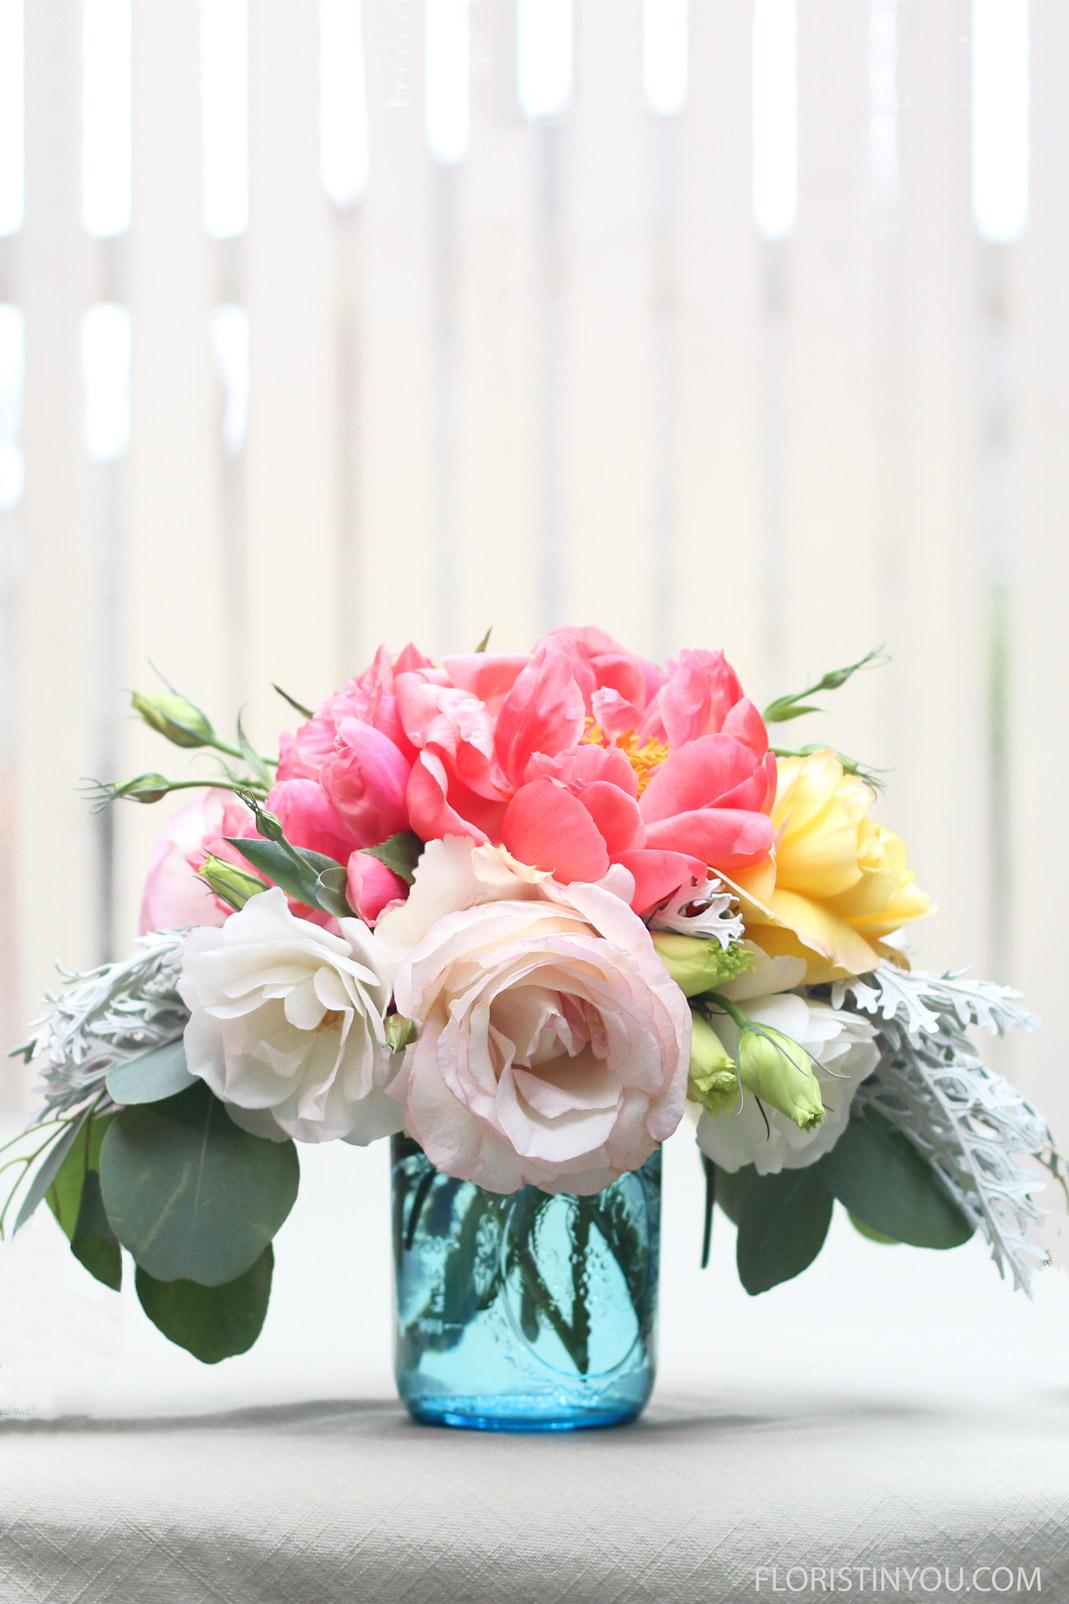 Summer Giants - Peonies & Garden Roses